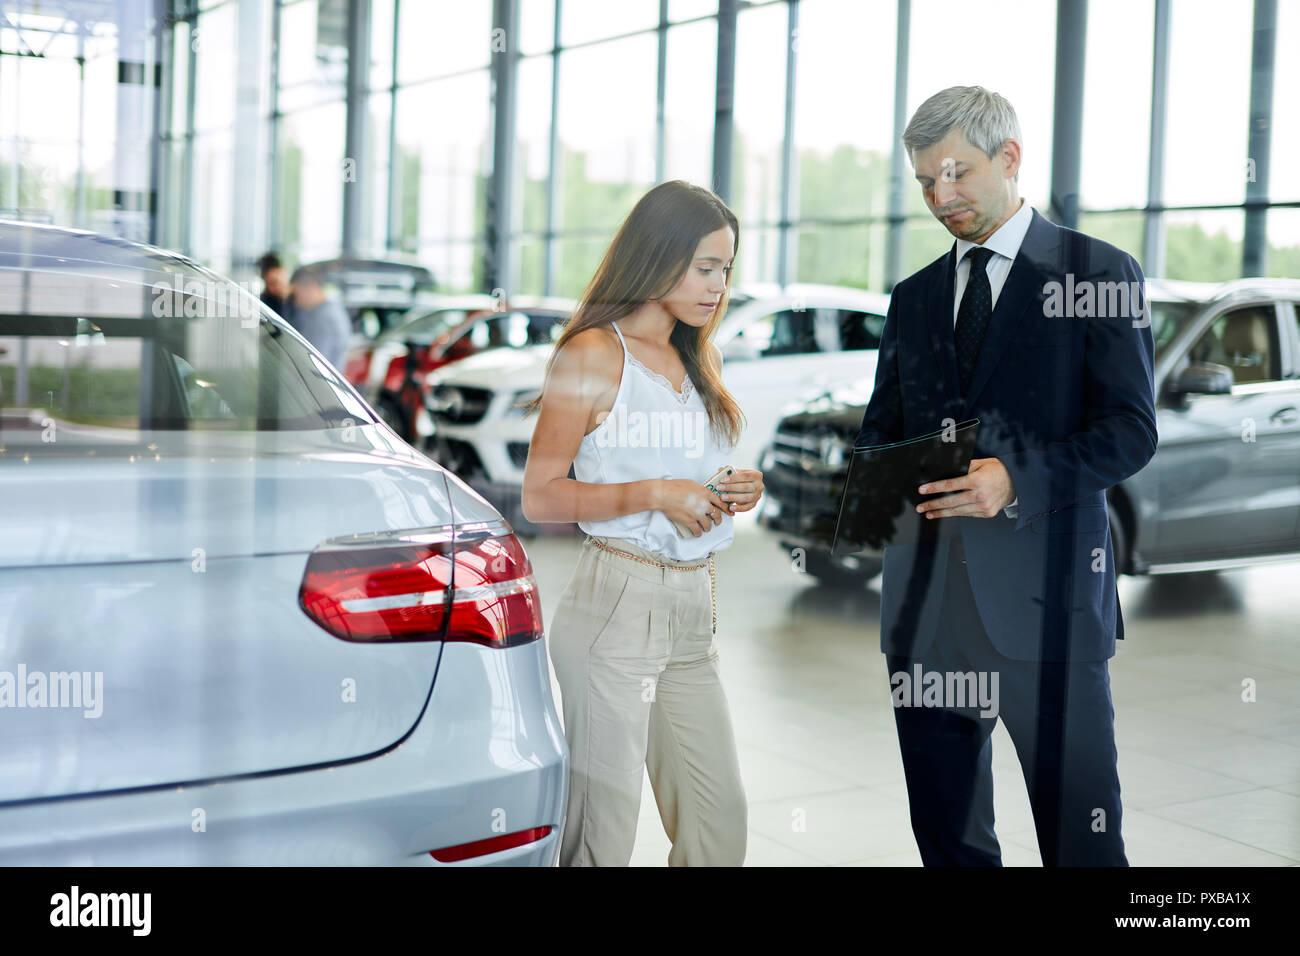 Jeune femme mature demande client sales manager pour aider à l'agence de voiture. Banque D'Images